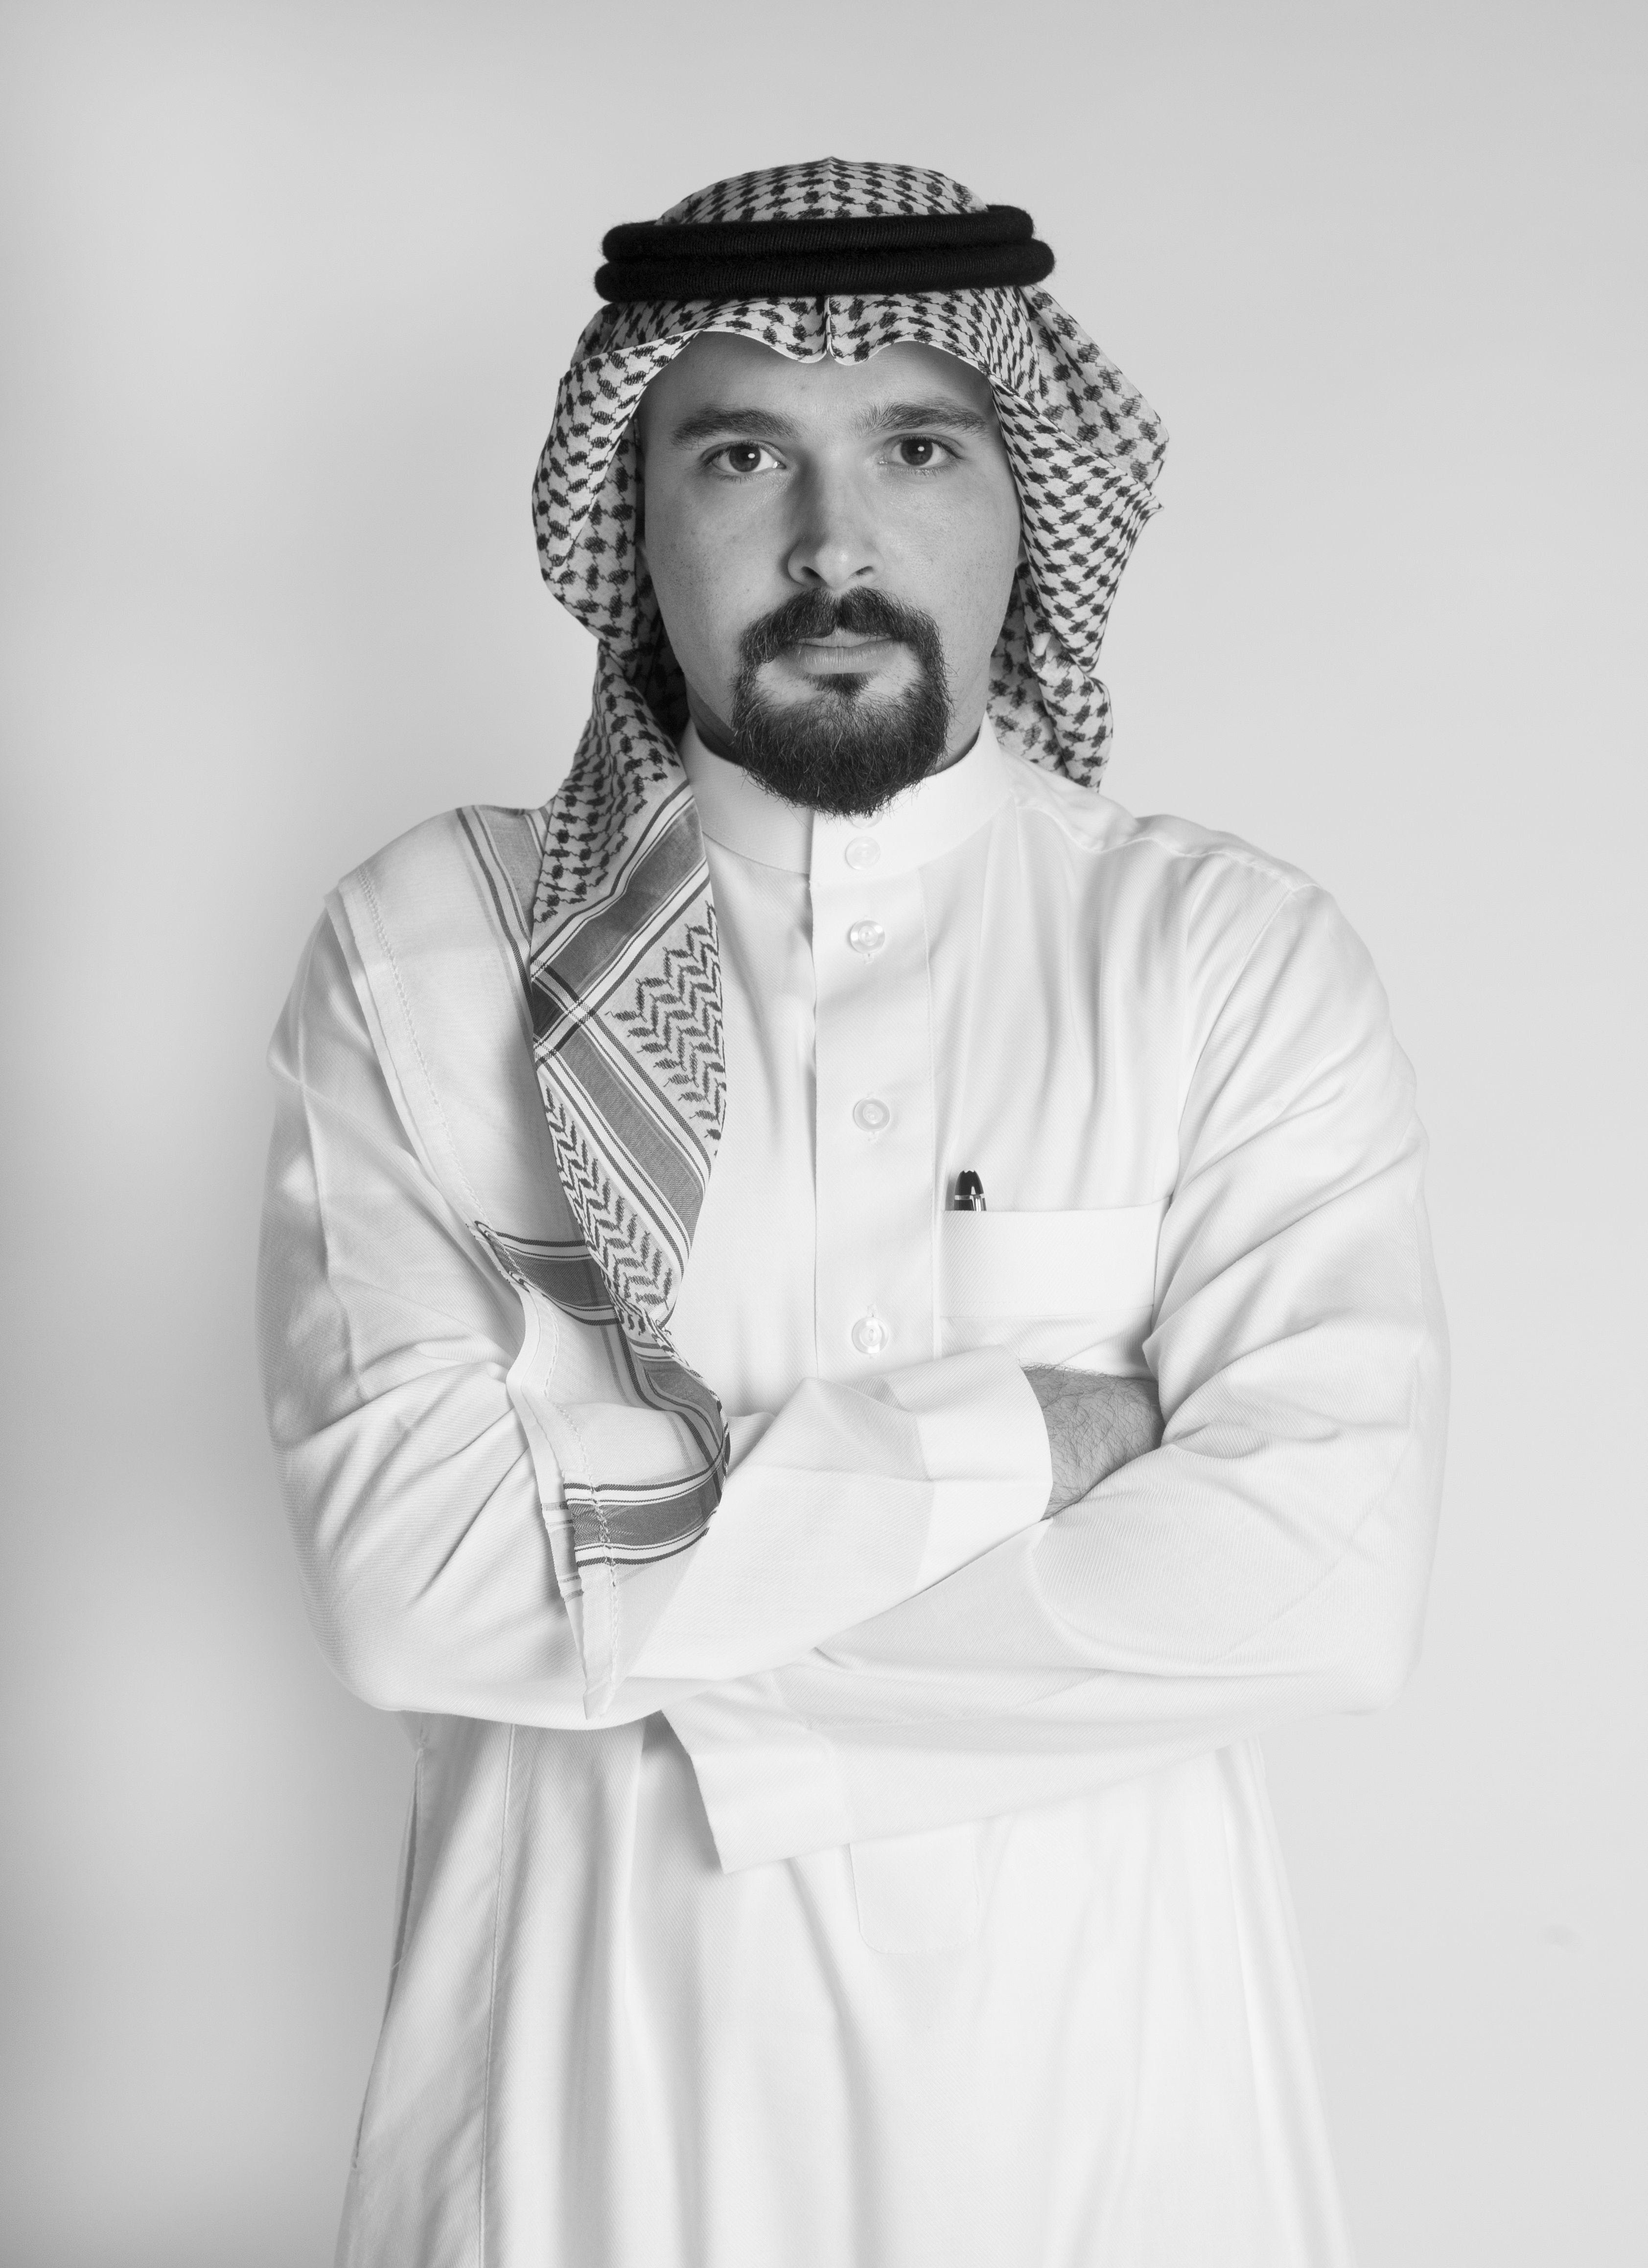 هتان الغلاييني Headshot